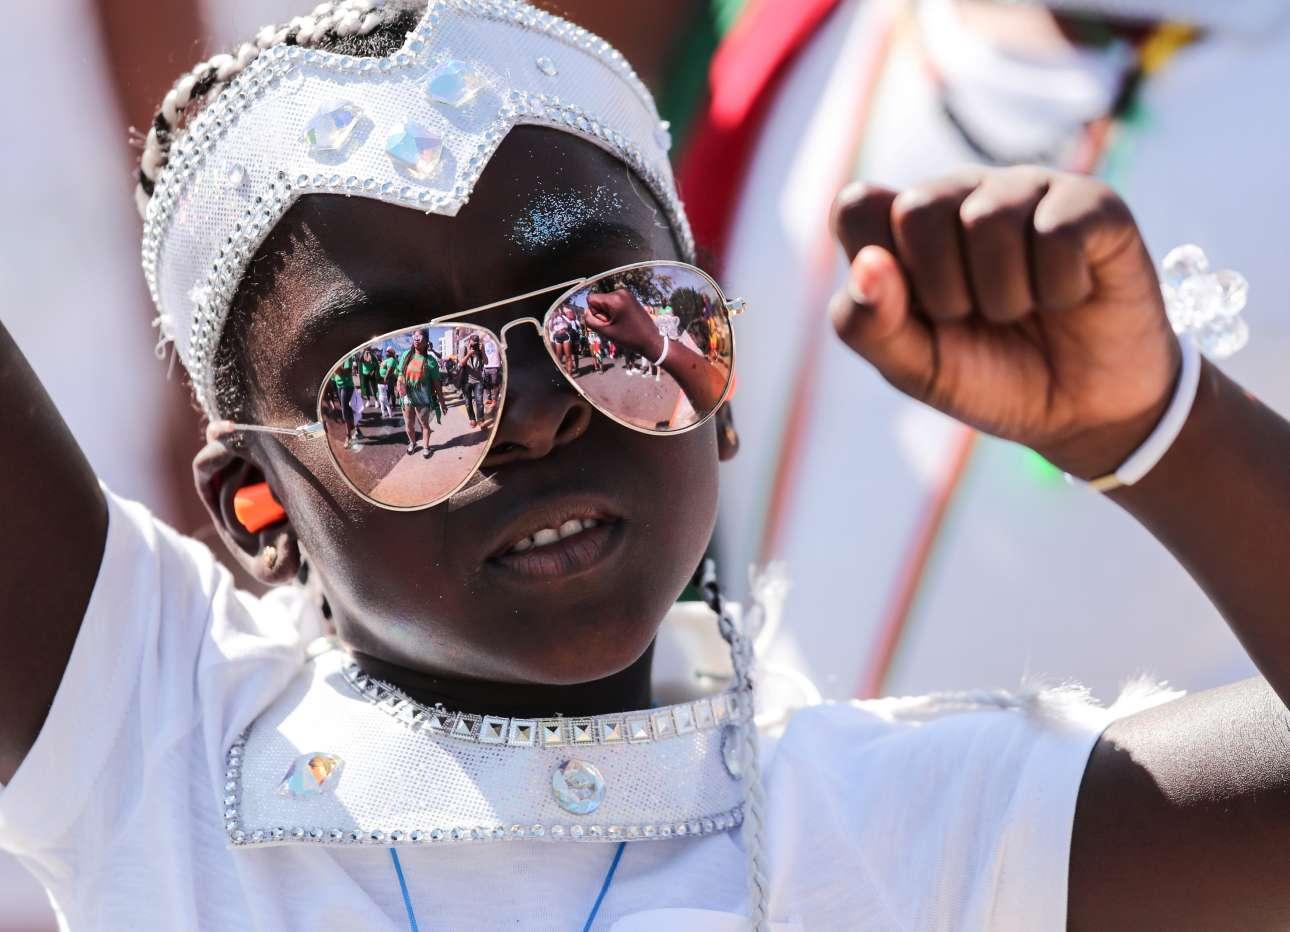 Ενας μικρός καρναβαλιστής «τα δίνει όλα» στην παιδική παρέλαση